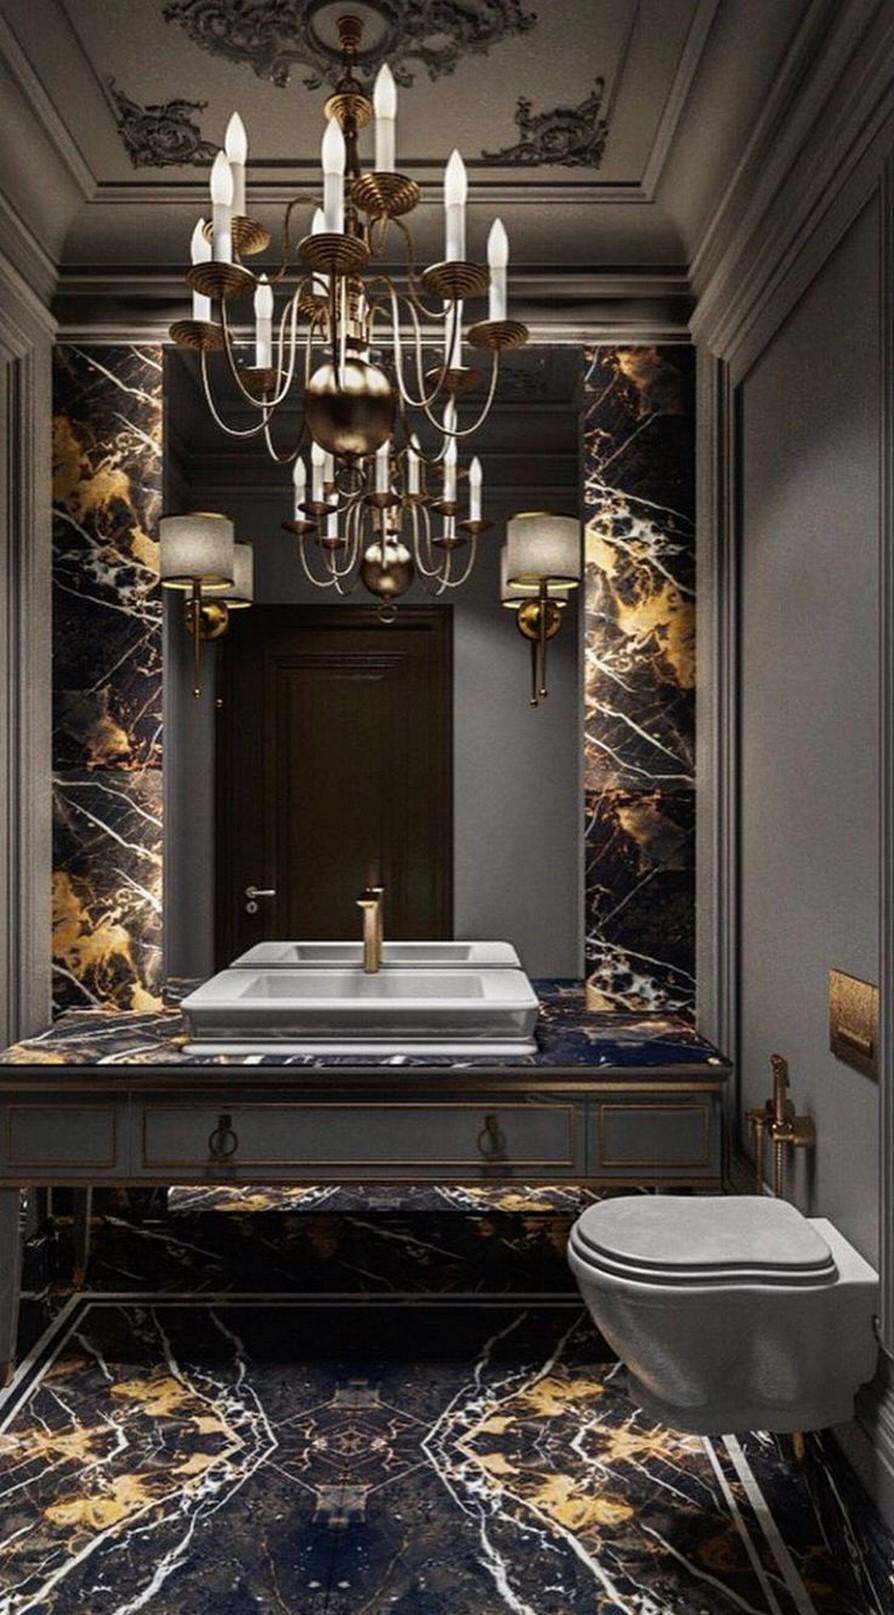 37 Incredible House Interior Design Ideas 37